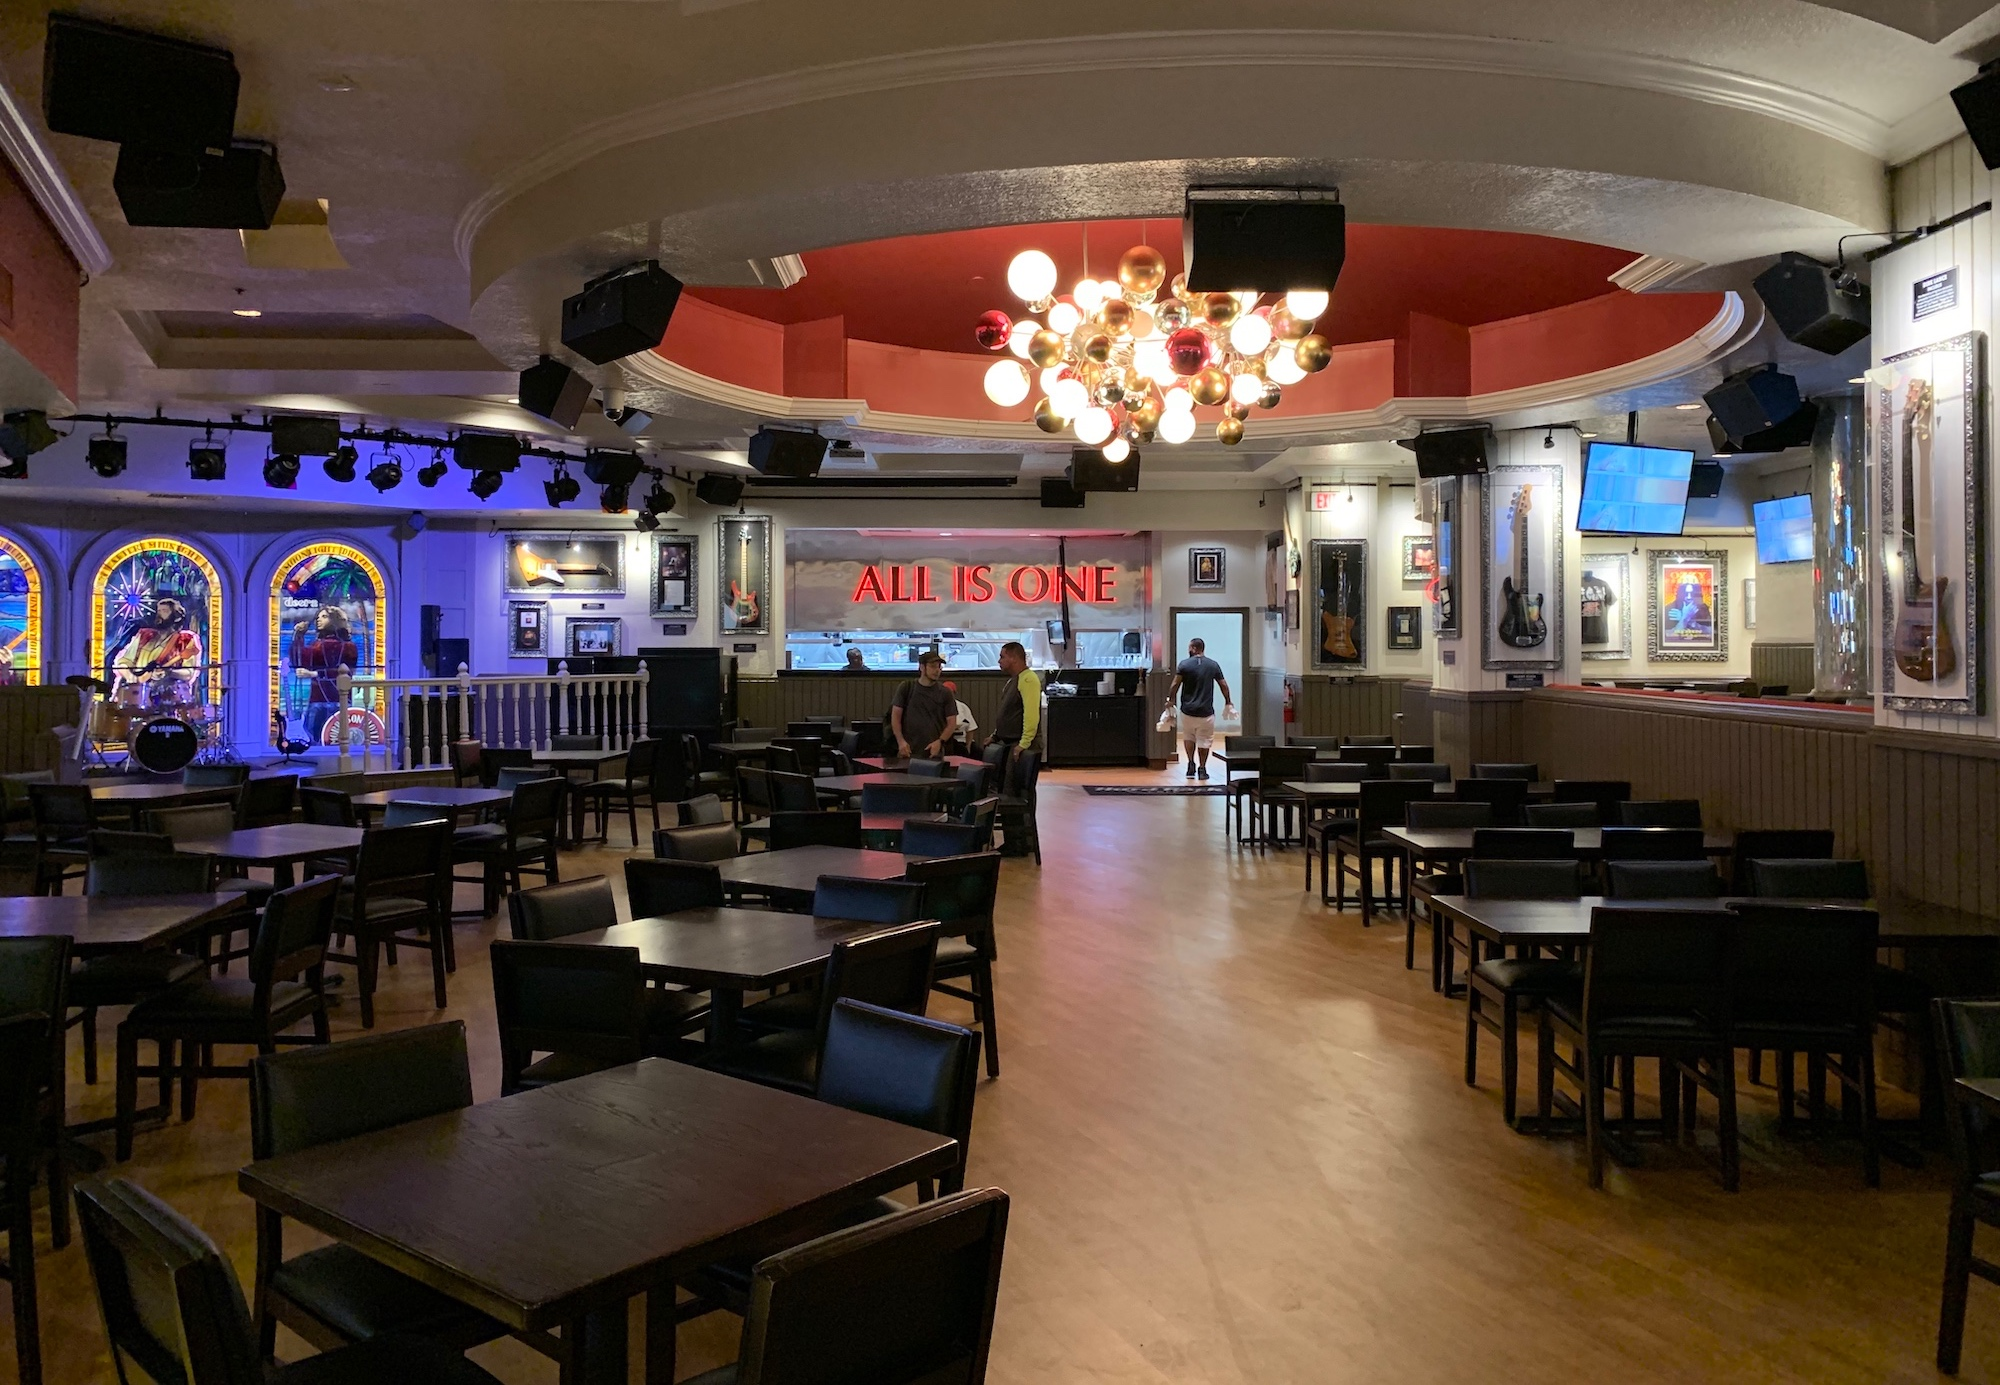 Restaurante Hard Rock Cafe em Miami